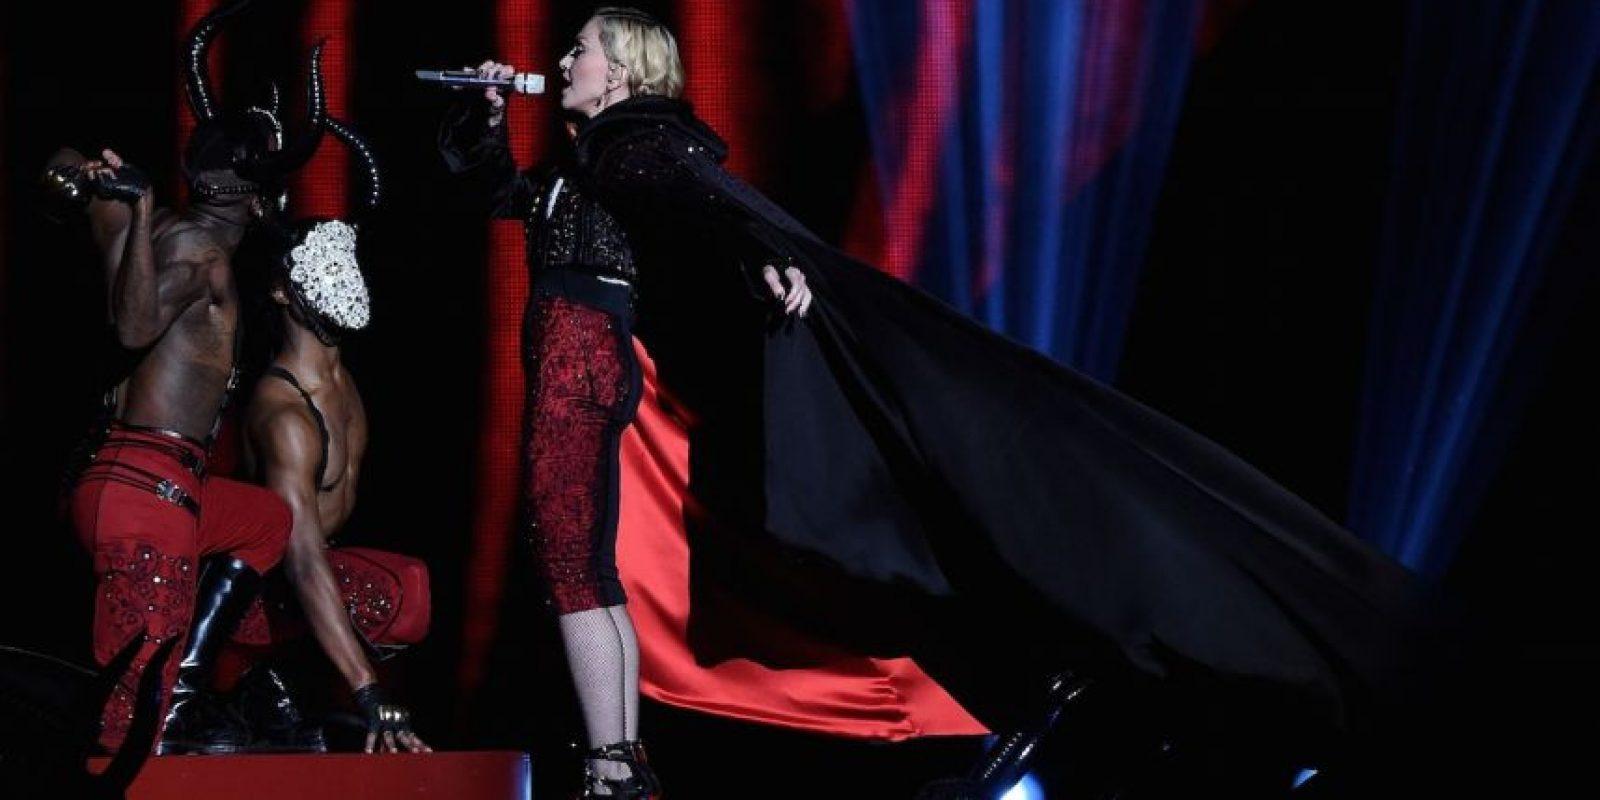 2.- El pasado 25 de febrero, durante su presentación en los premios Brit Awards, la cantante tropezó con su capa y cayó tres escalones abajo. Foto:Getty Images